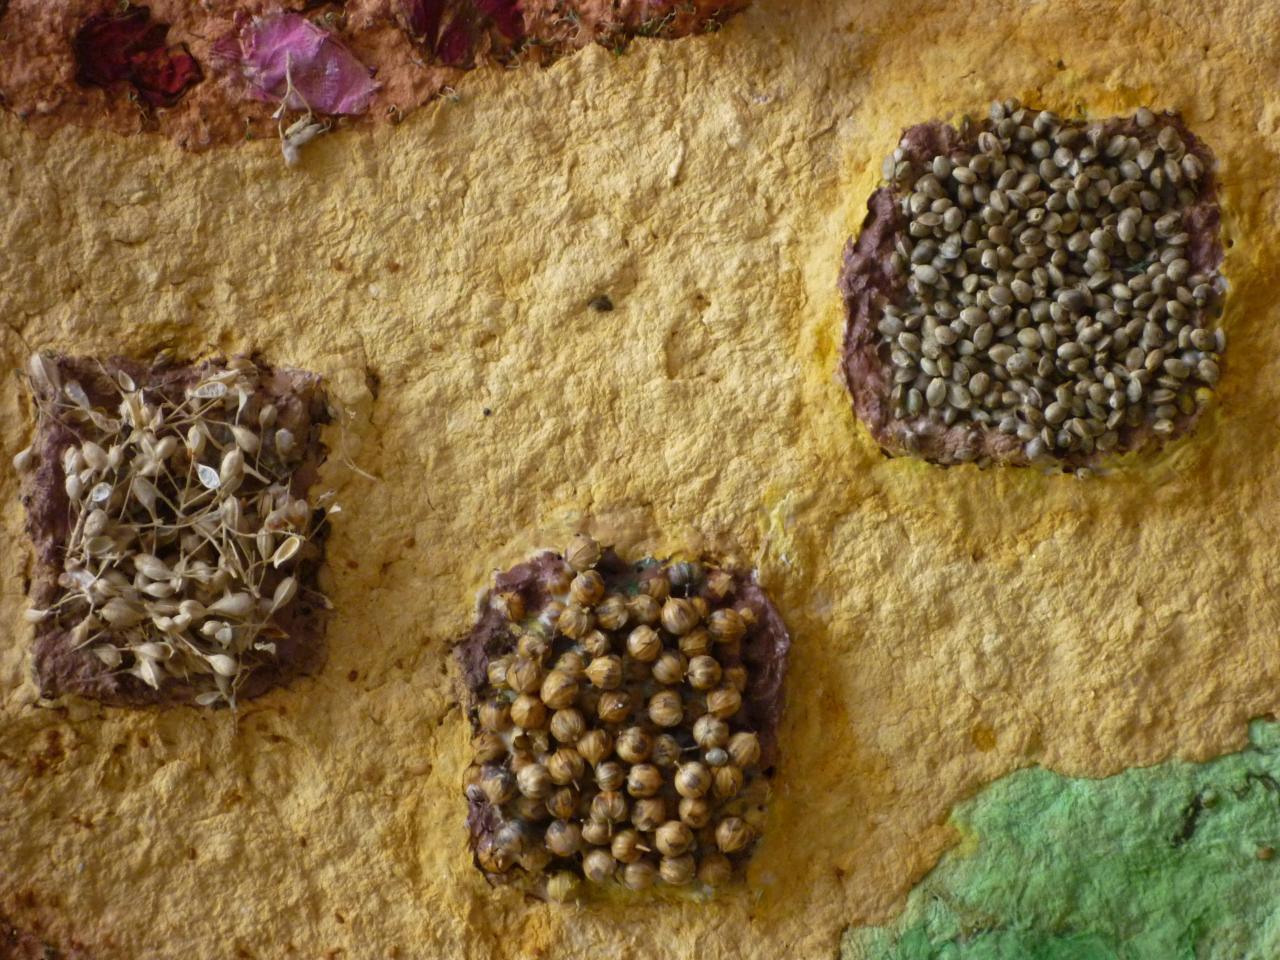 Graines du potager sur papier de lin et chanvre, pigments naturels